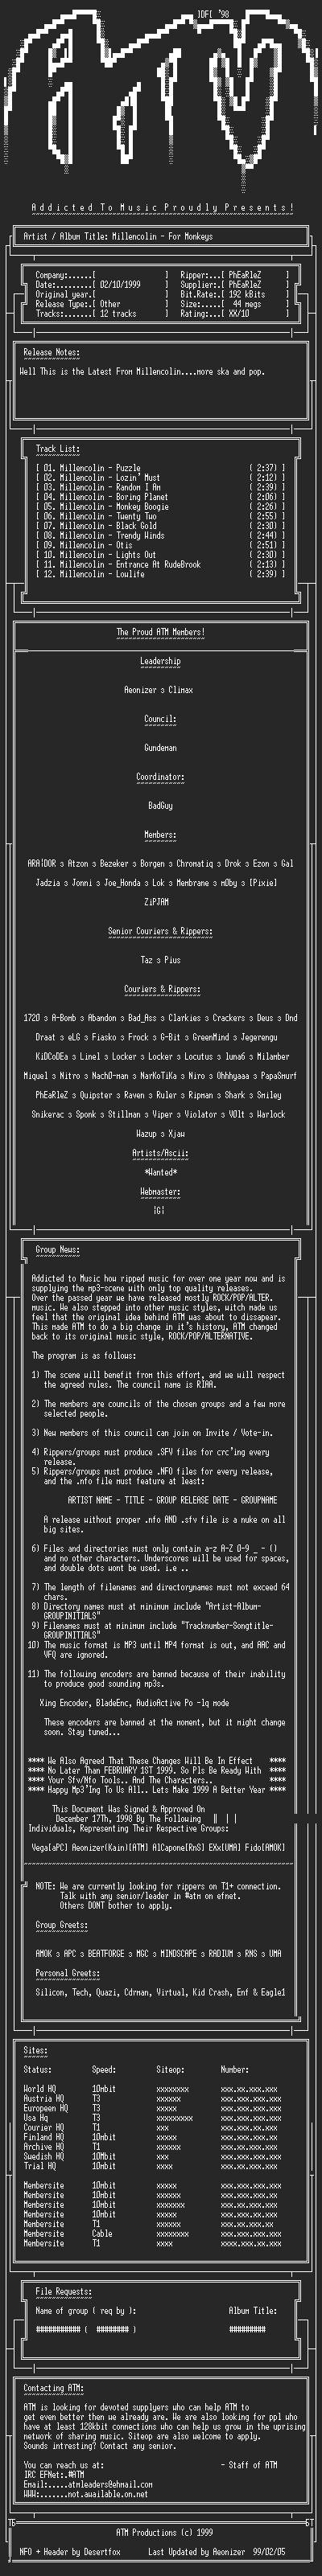 NFO file for Millencolin_-_For_Monkeys_-_1998-ATM